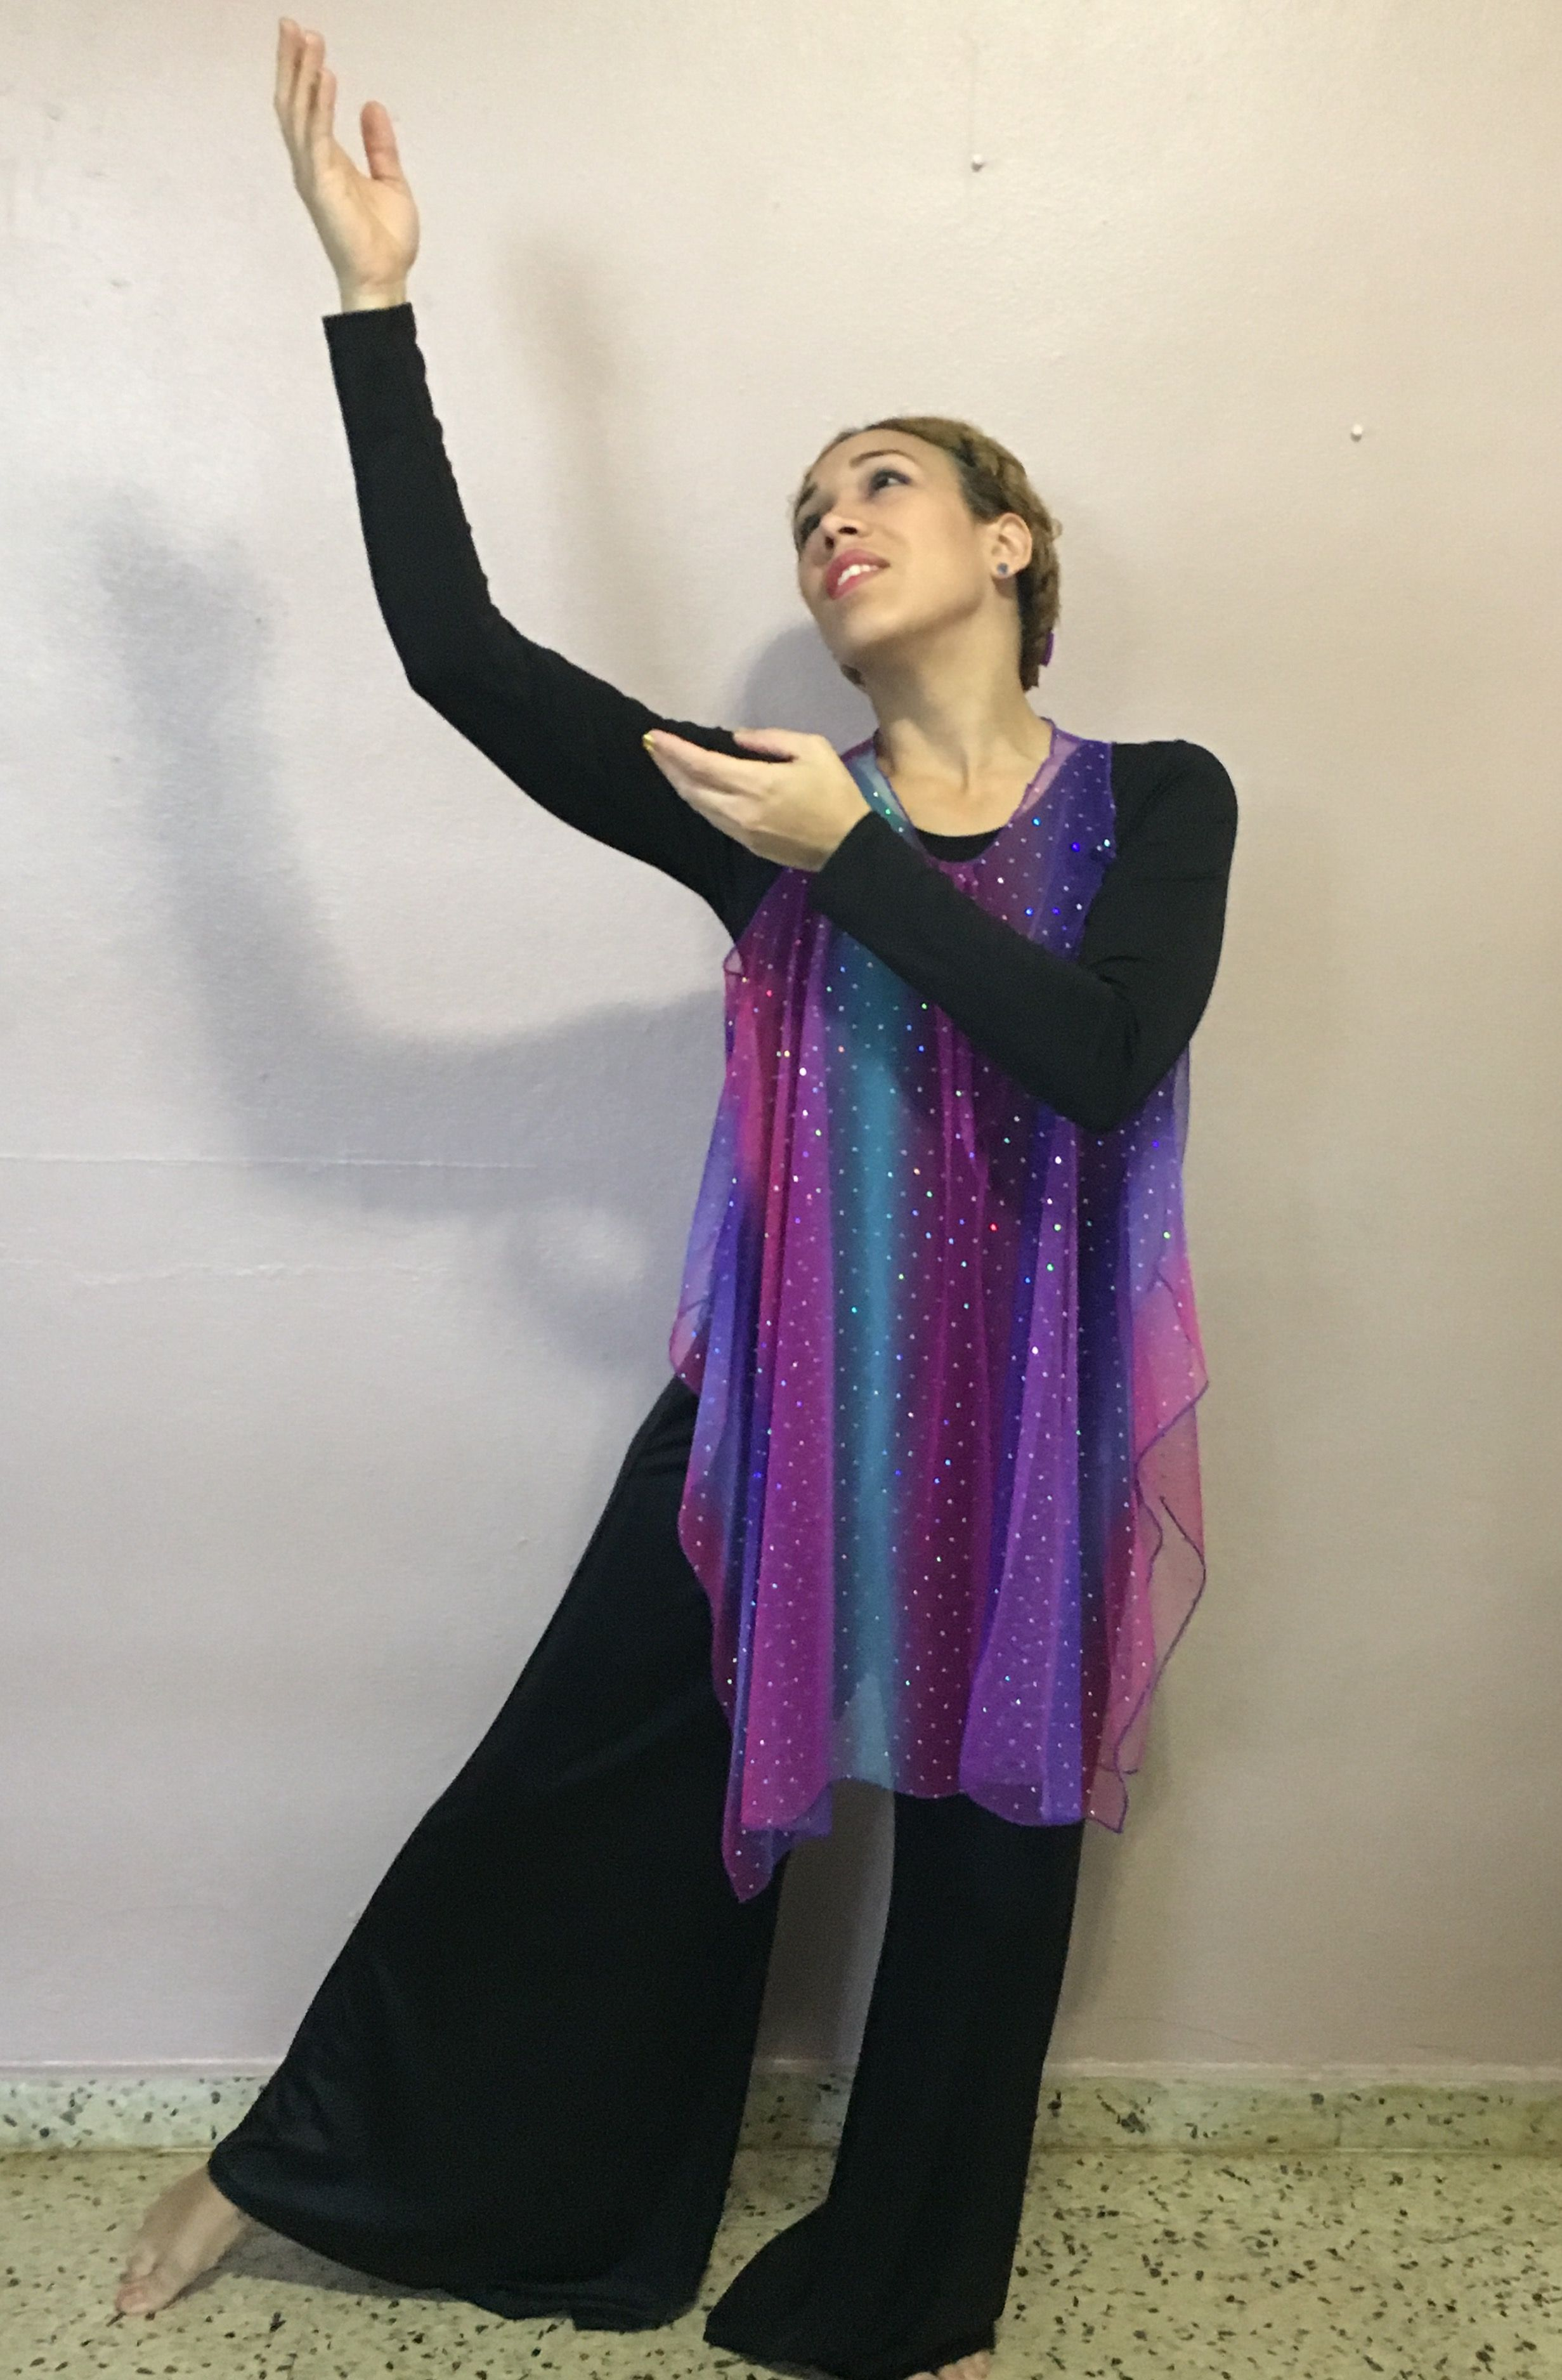 Pin de Alicia Green en Praise Dance | Pinterest | Cristianos, Rey y ...